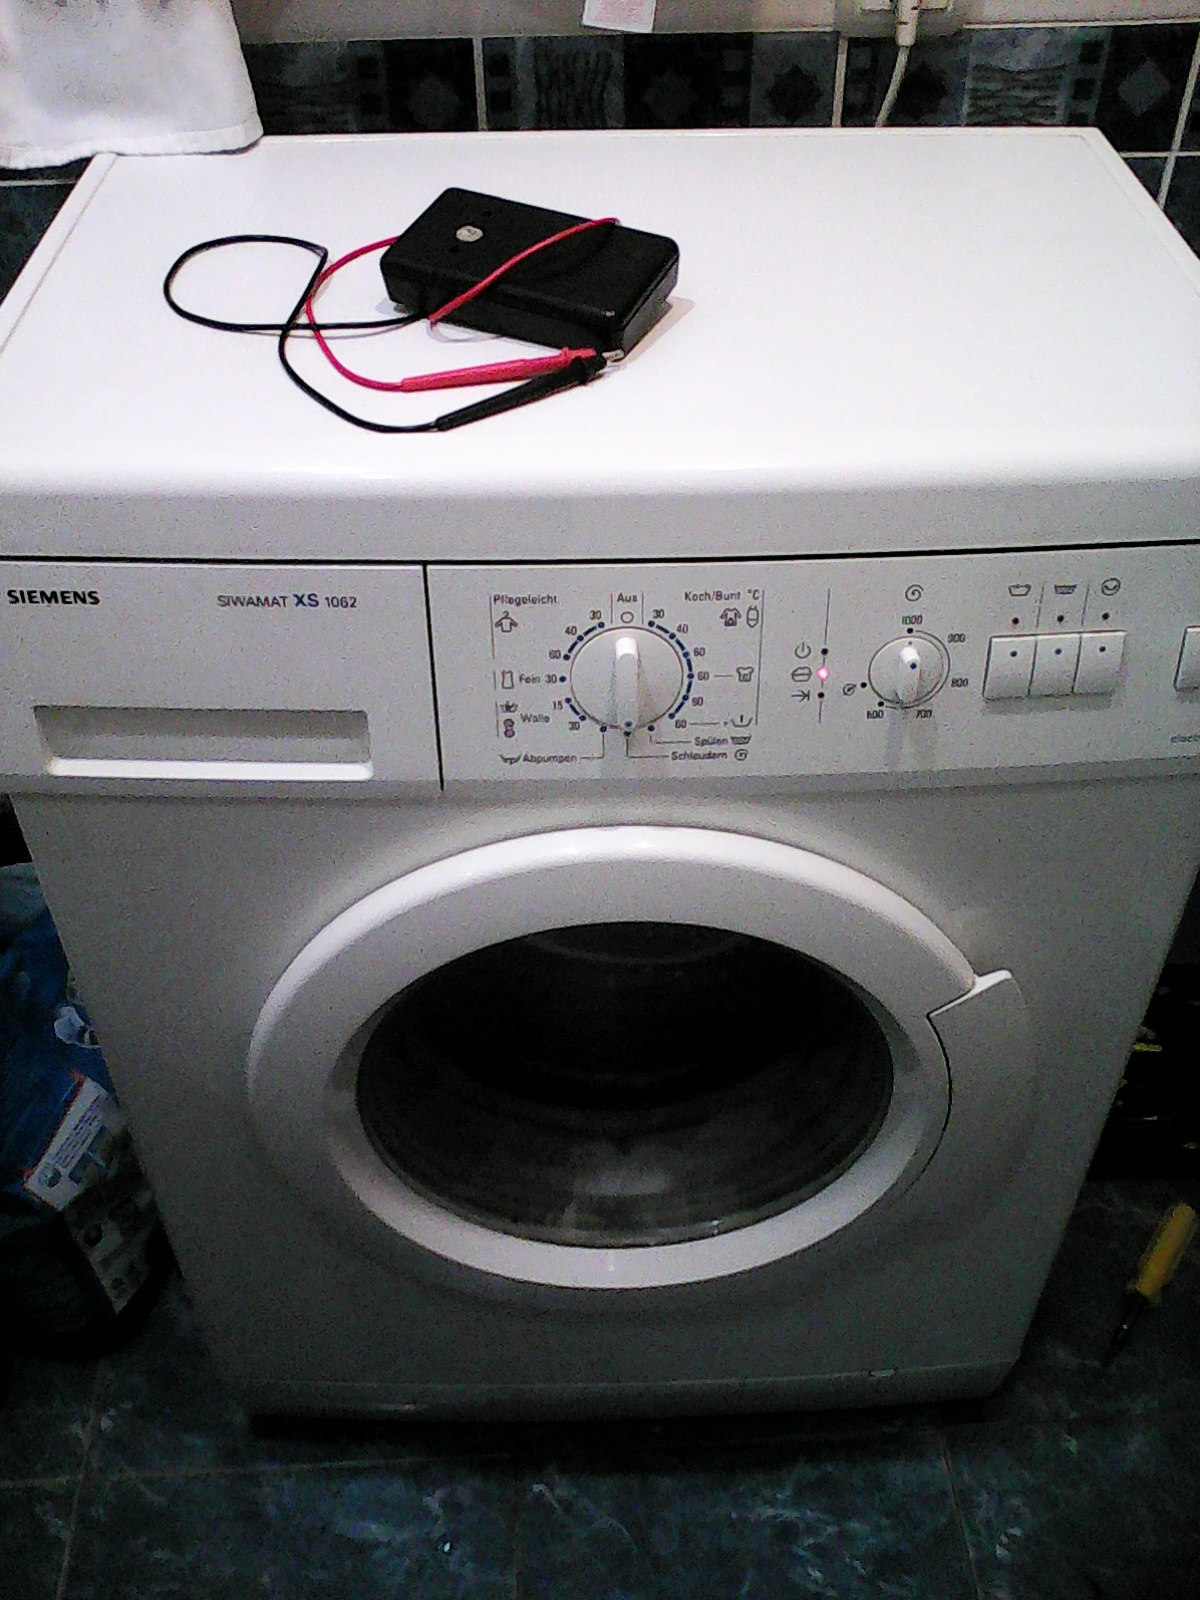 Автоматическая стиральная машина Siemens XS 1062